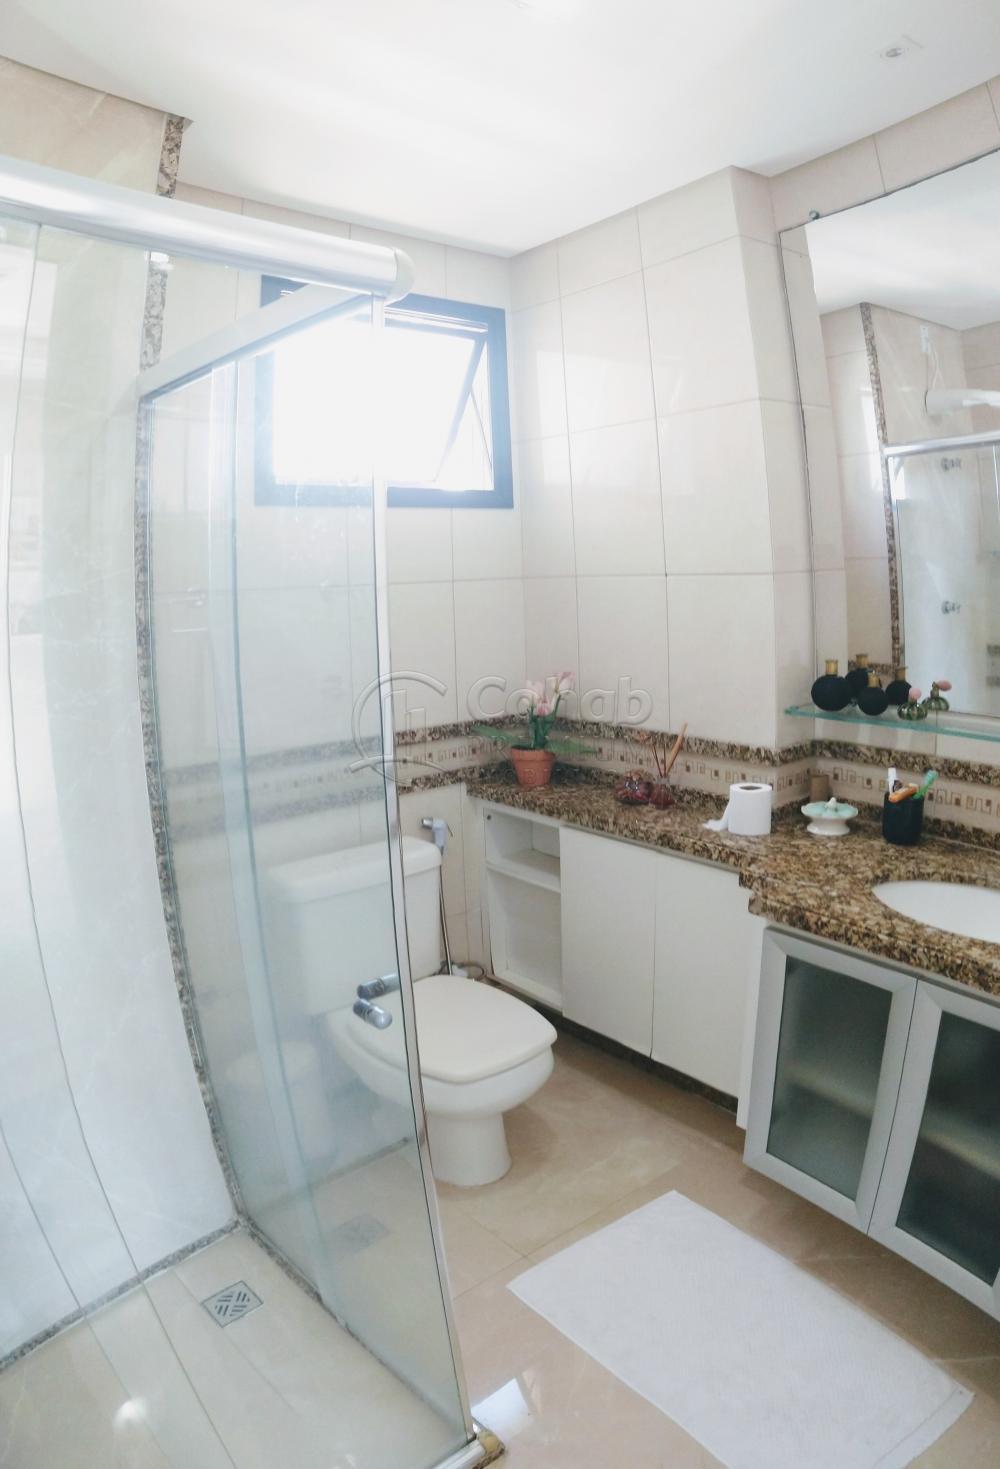 Alugar Apartamento / Padrão em Aracaju apenas R$ 3.300,00 - Foto 11